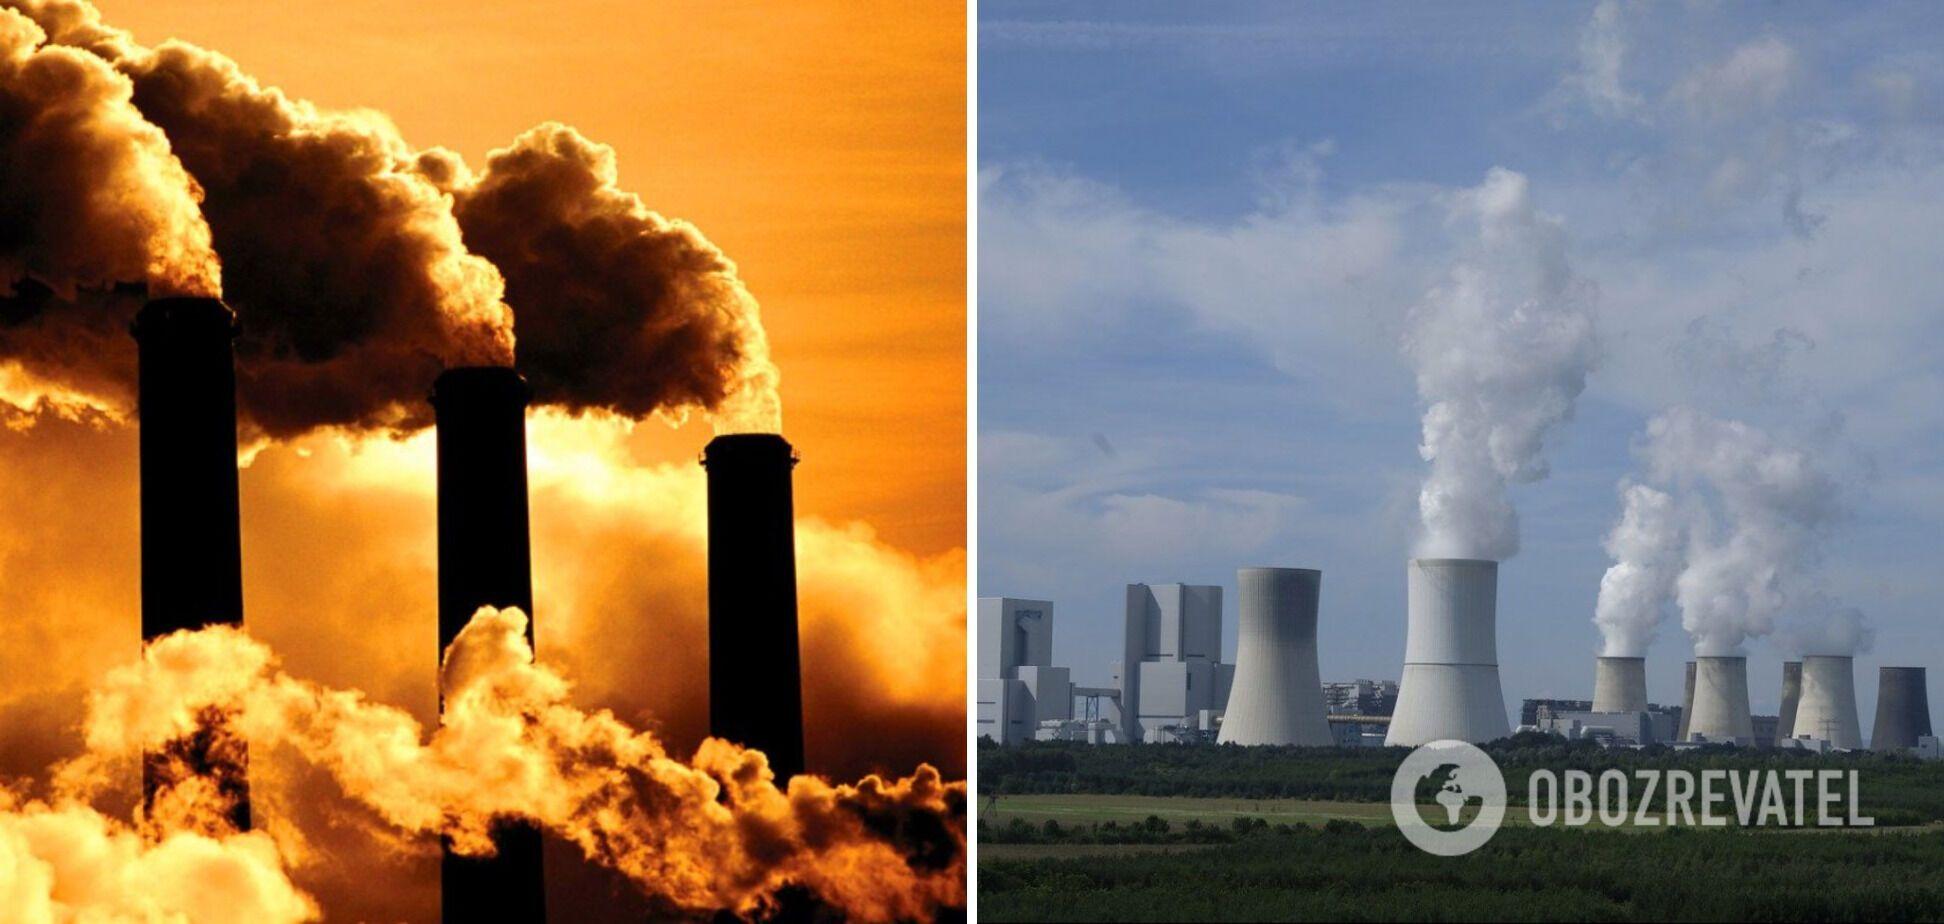 Нацплан по сокращению выбросов не заработал в 2021 году из-за отсутствия финансирования – Минэкологии